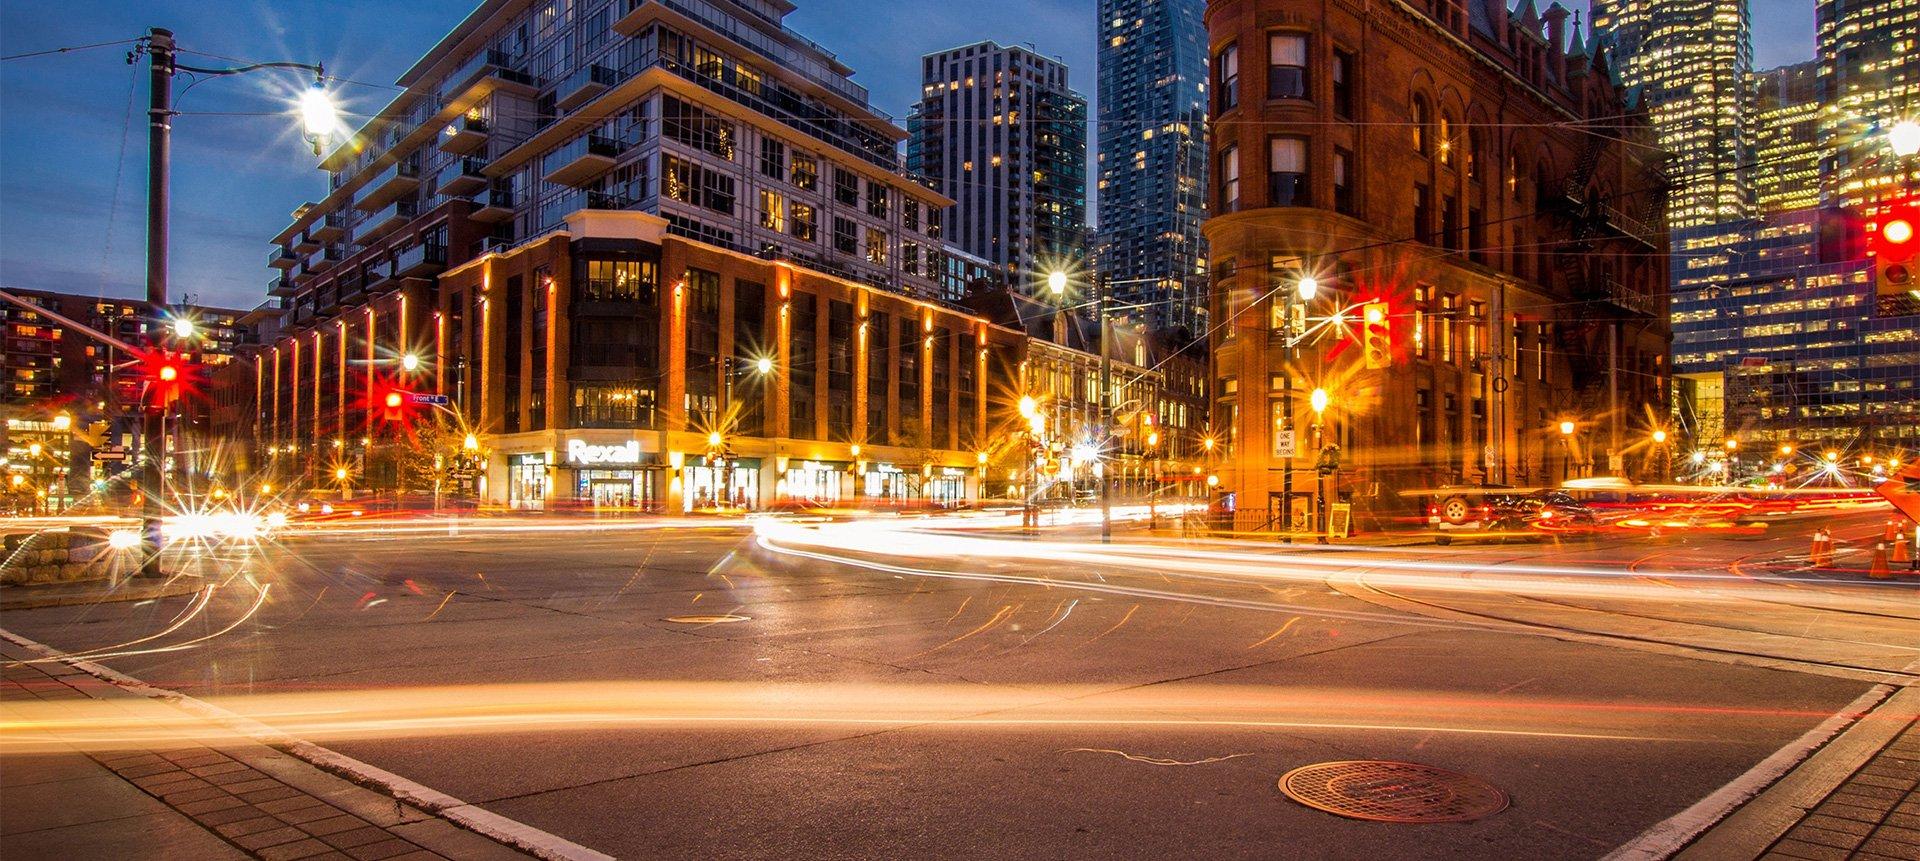 Toronto at night time lapse